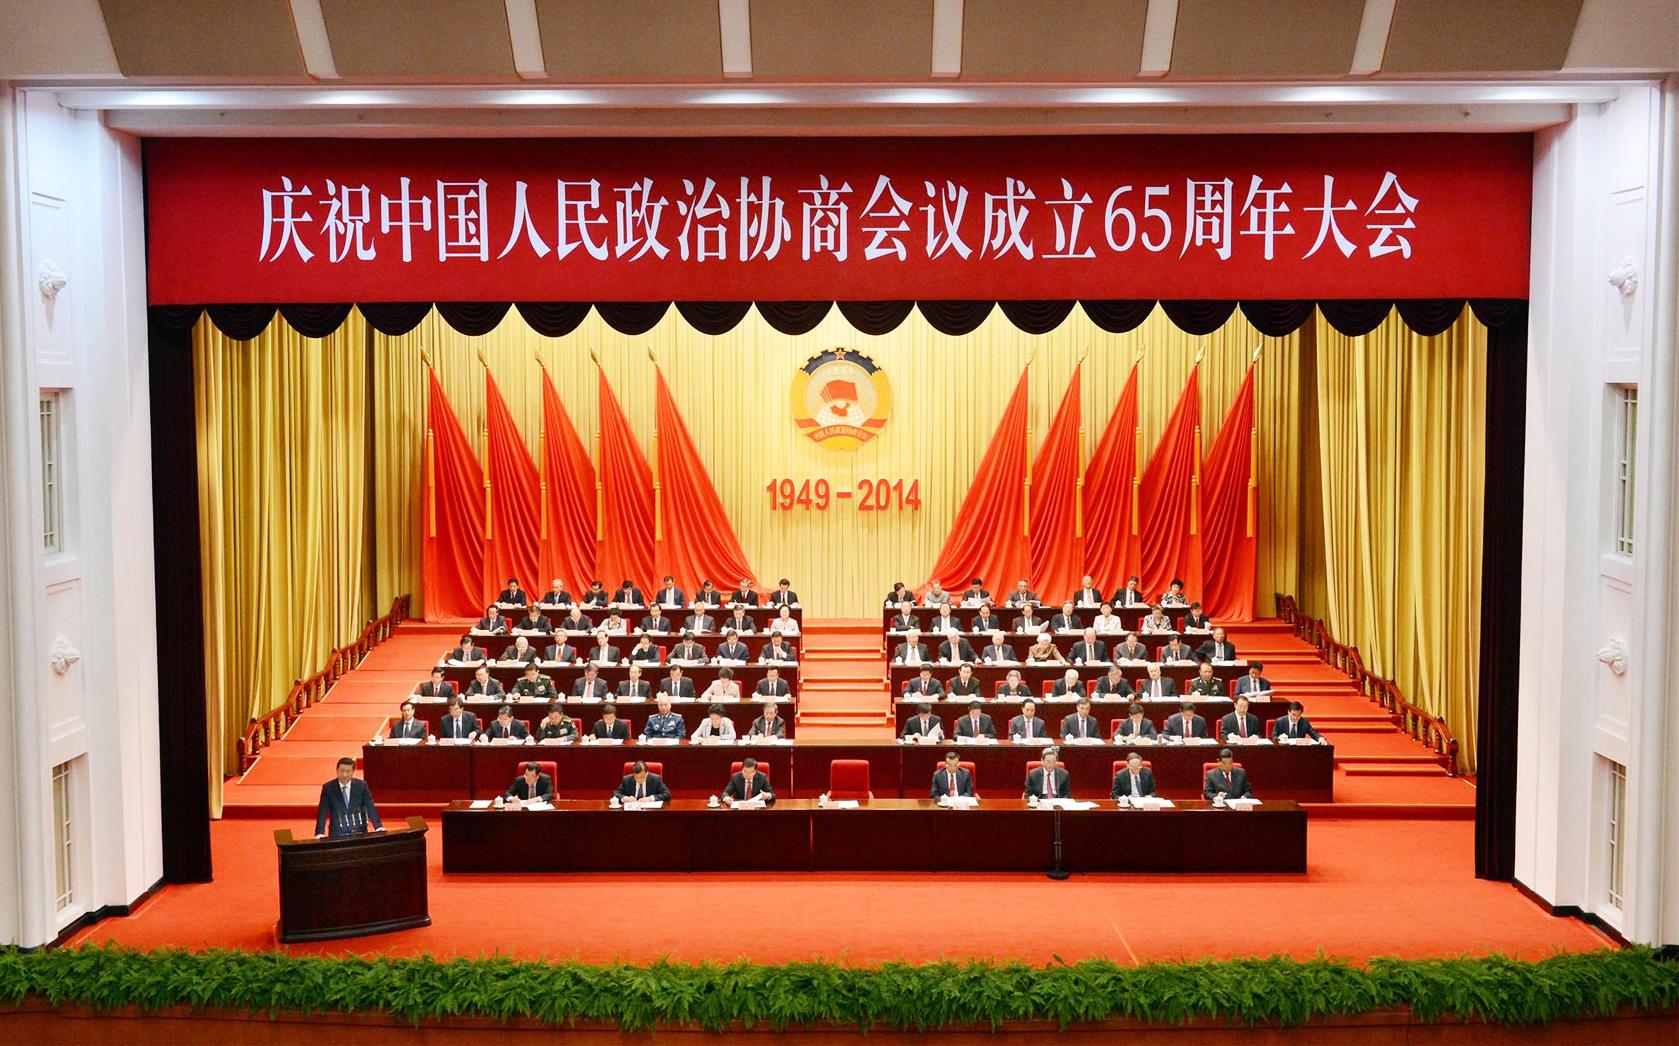 庆祝中国人民政治协商会议成立65周年大会